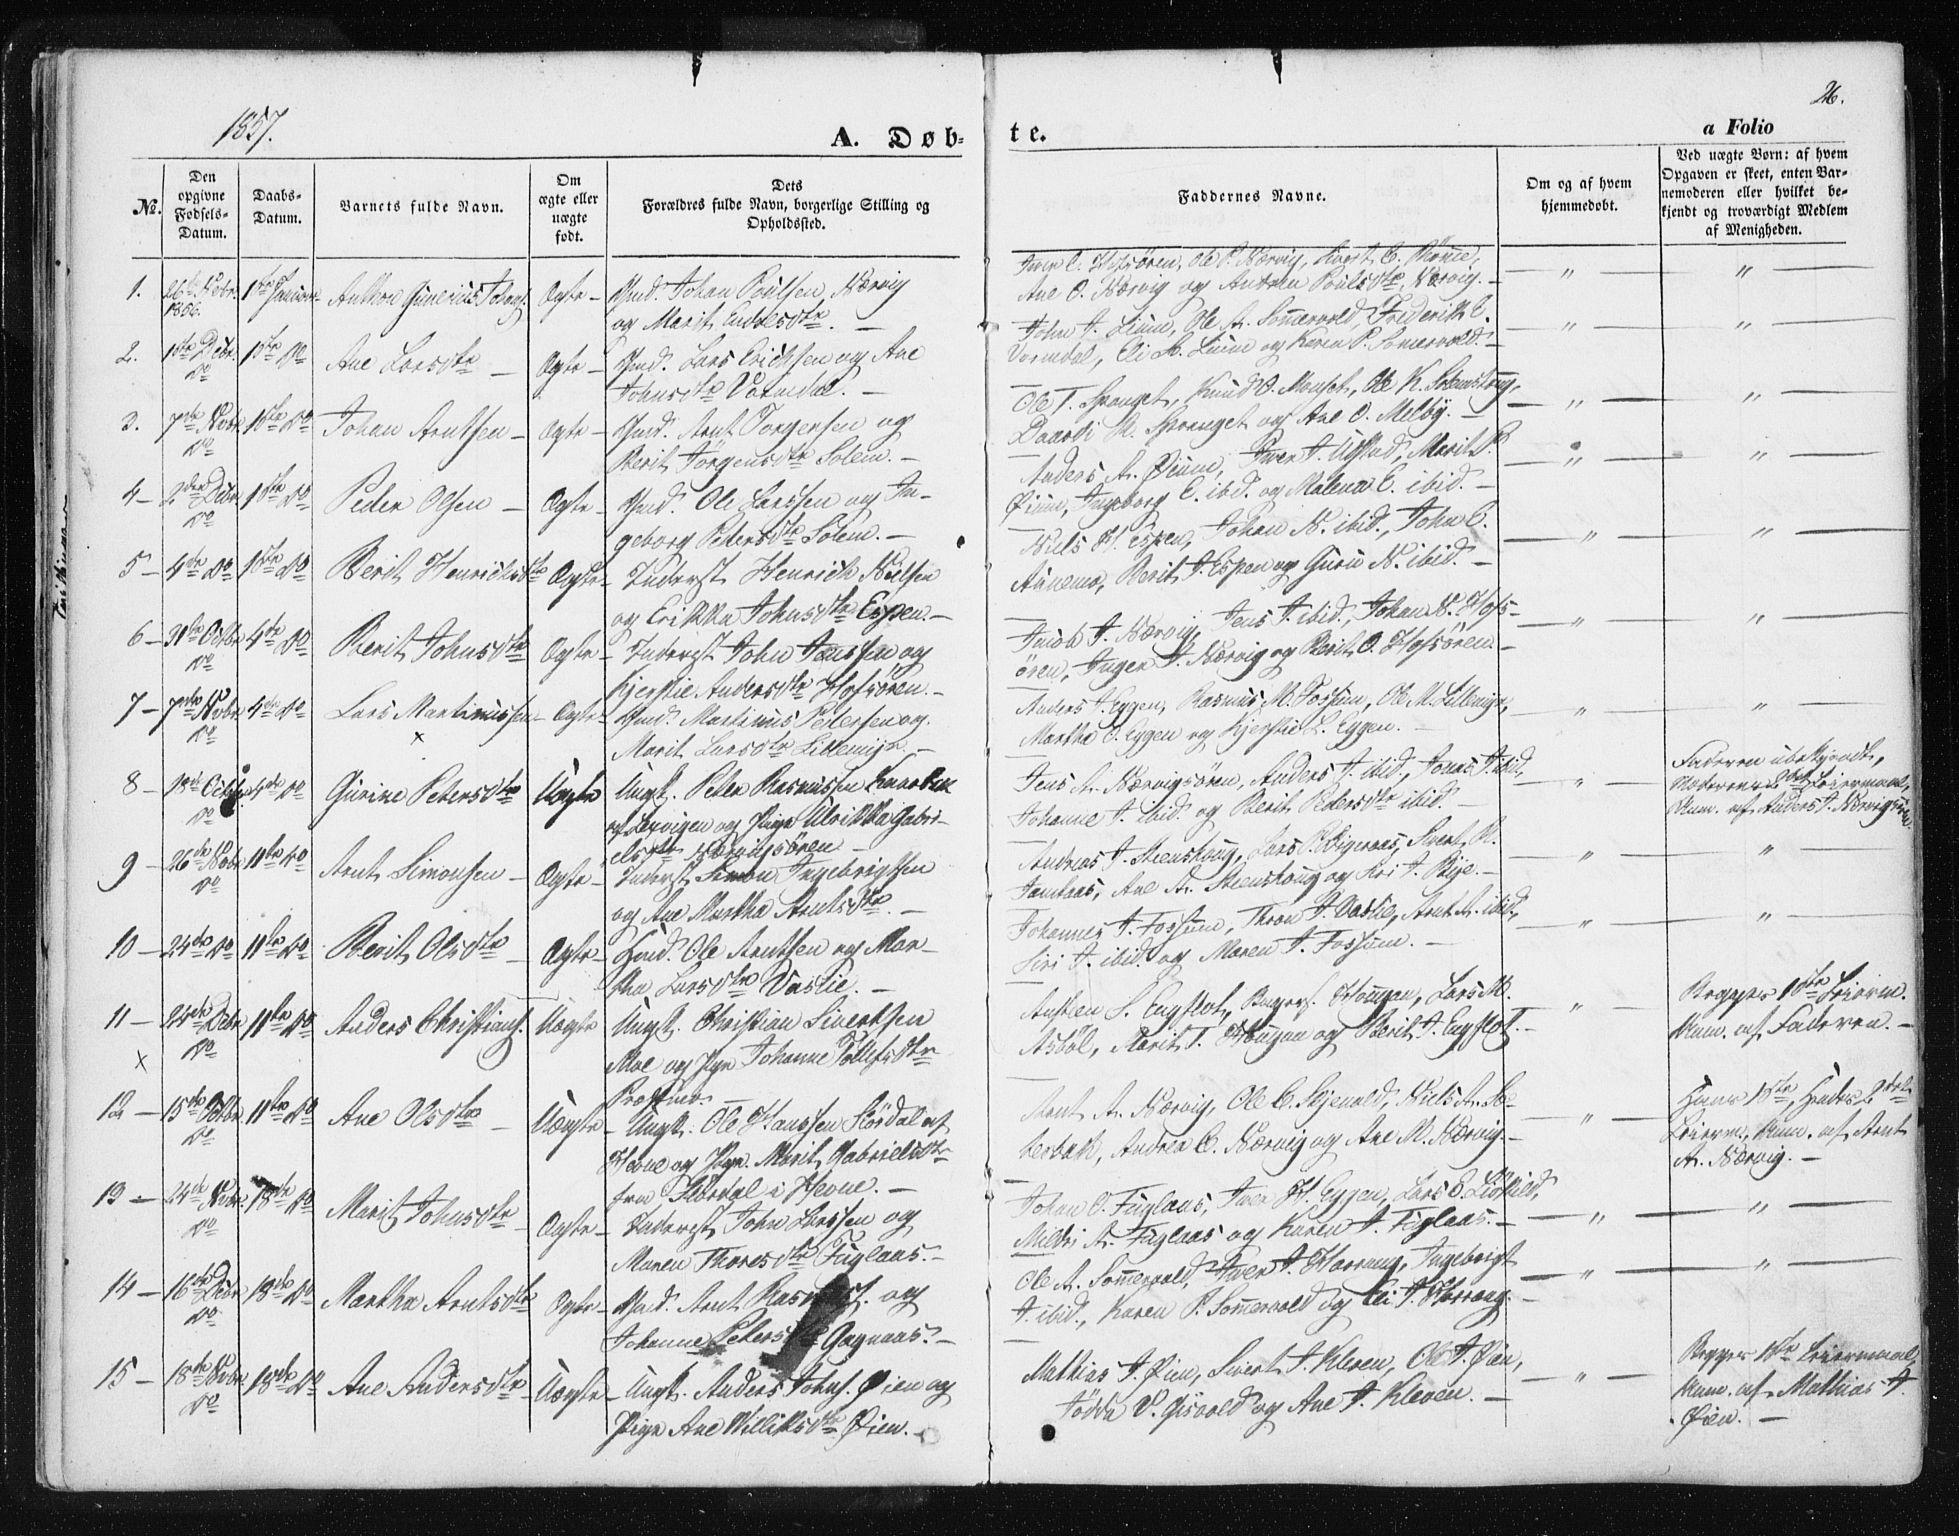 SAT, Ministerialprotokoller, klokkerbøker og fødselsregistre - Sør-Trøndelag, 668/L0806: Ministerialbok nr. 668A06, 1854-1869, s. 26